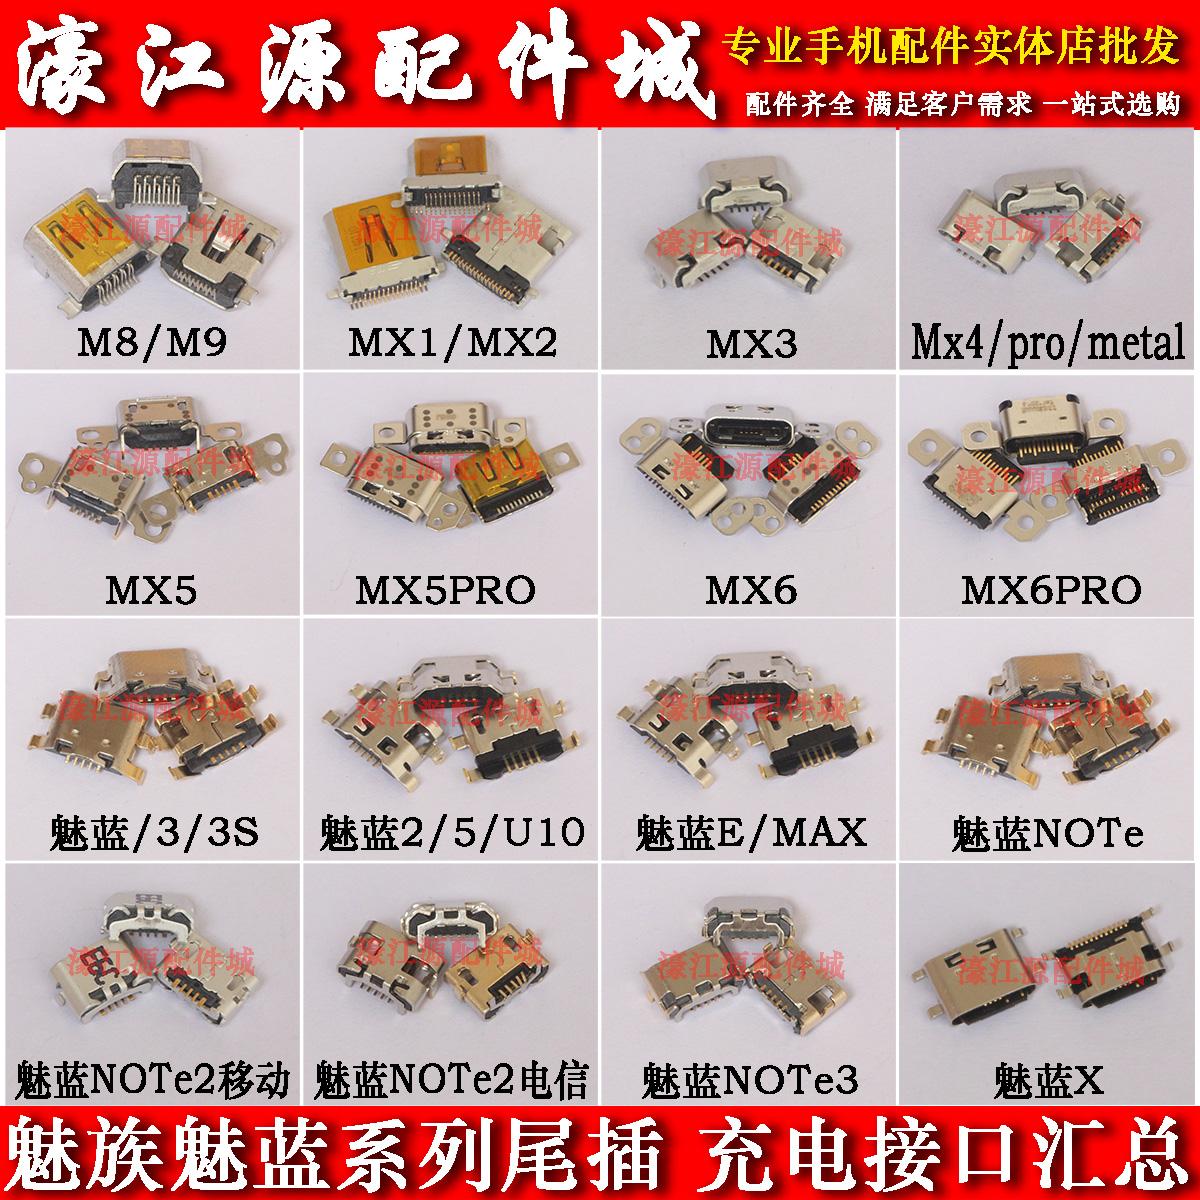 魅族MX4 MX5 PRO5 PRO6 MX6魅蓝E X MAX NOTE2 U10 NOTE3尾插接口